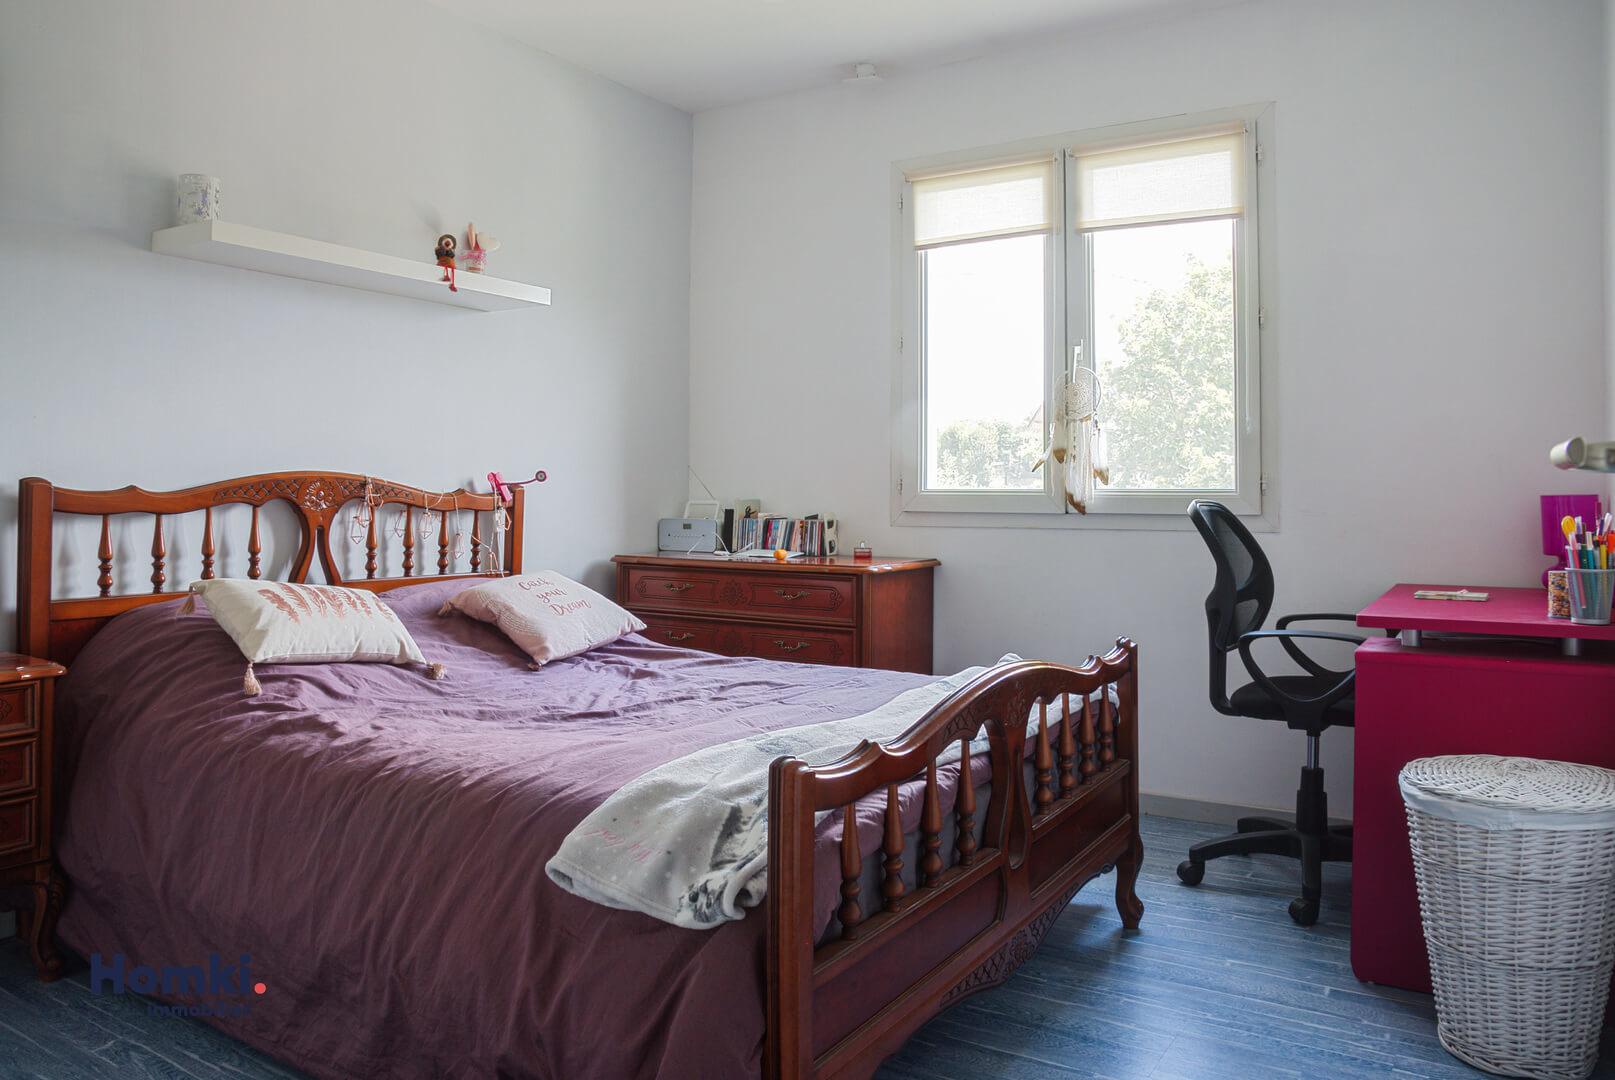 Vente maison 150m² T5 38270_6